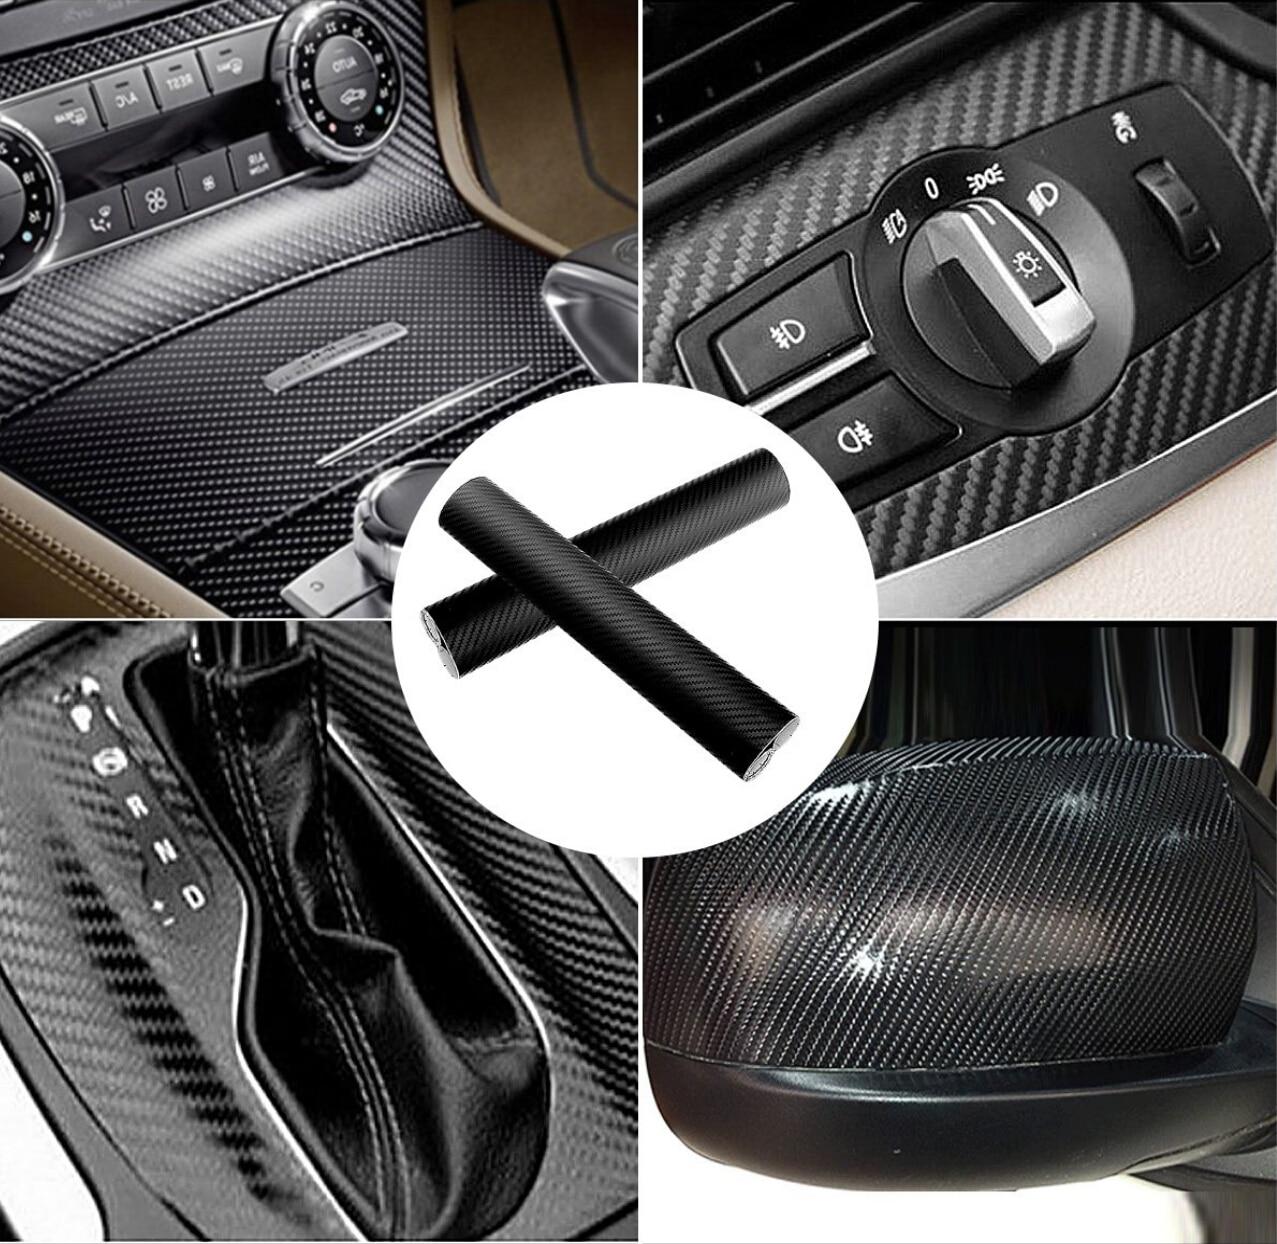 Виниловая пленка для отделки автомобиля, стикер, автомобильные аксессуары для Hyundai ix35 iX45 iX25 i20 i30 Sonata Verna Solaris Elantra Tucson Дискодержатель      АлиЭкспресс